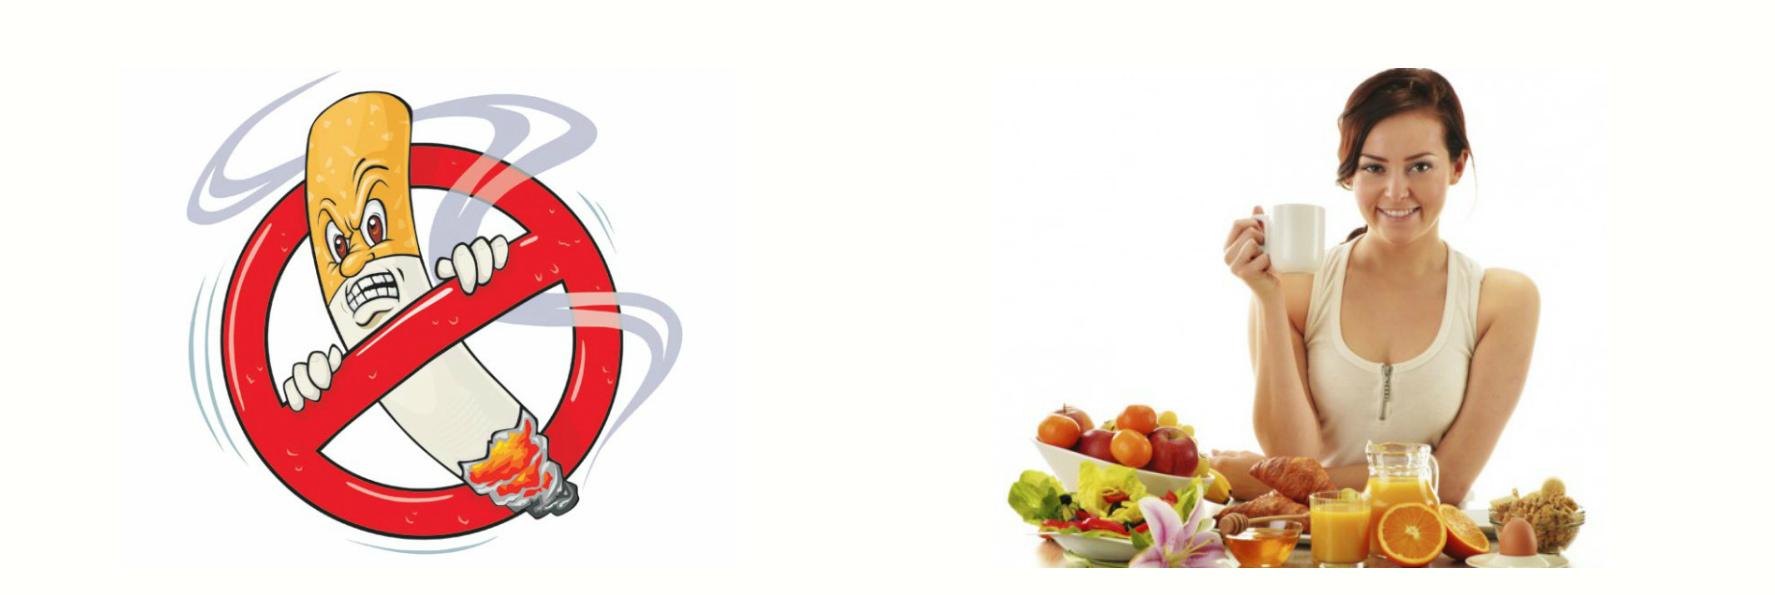 Отказом от вредных привычек и сбалансированная диета